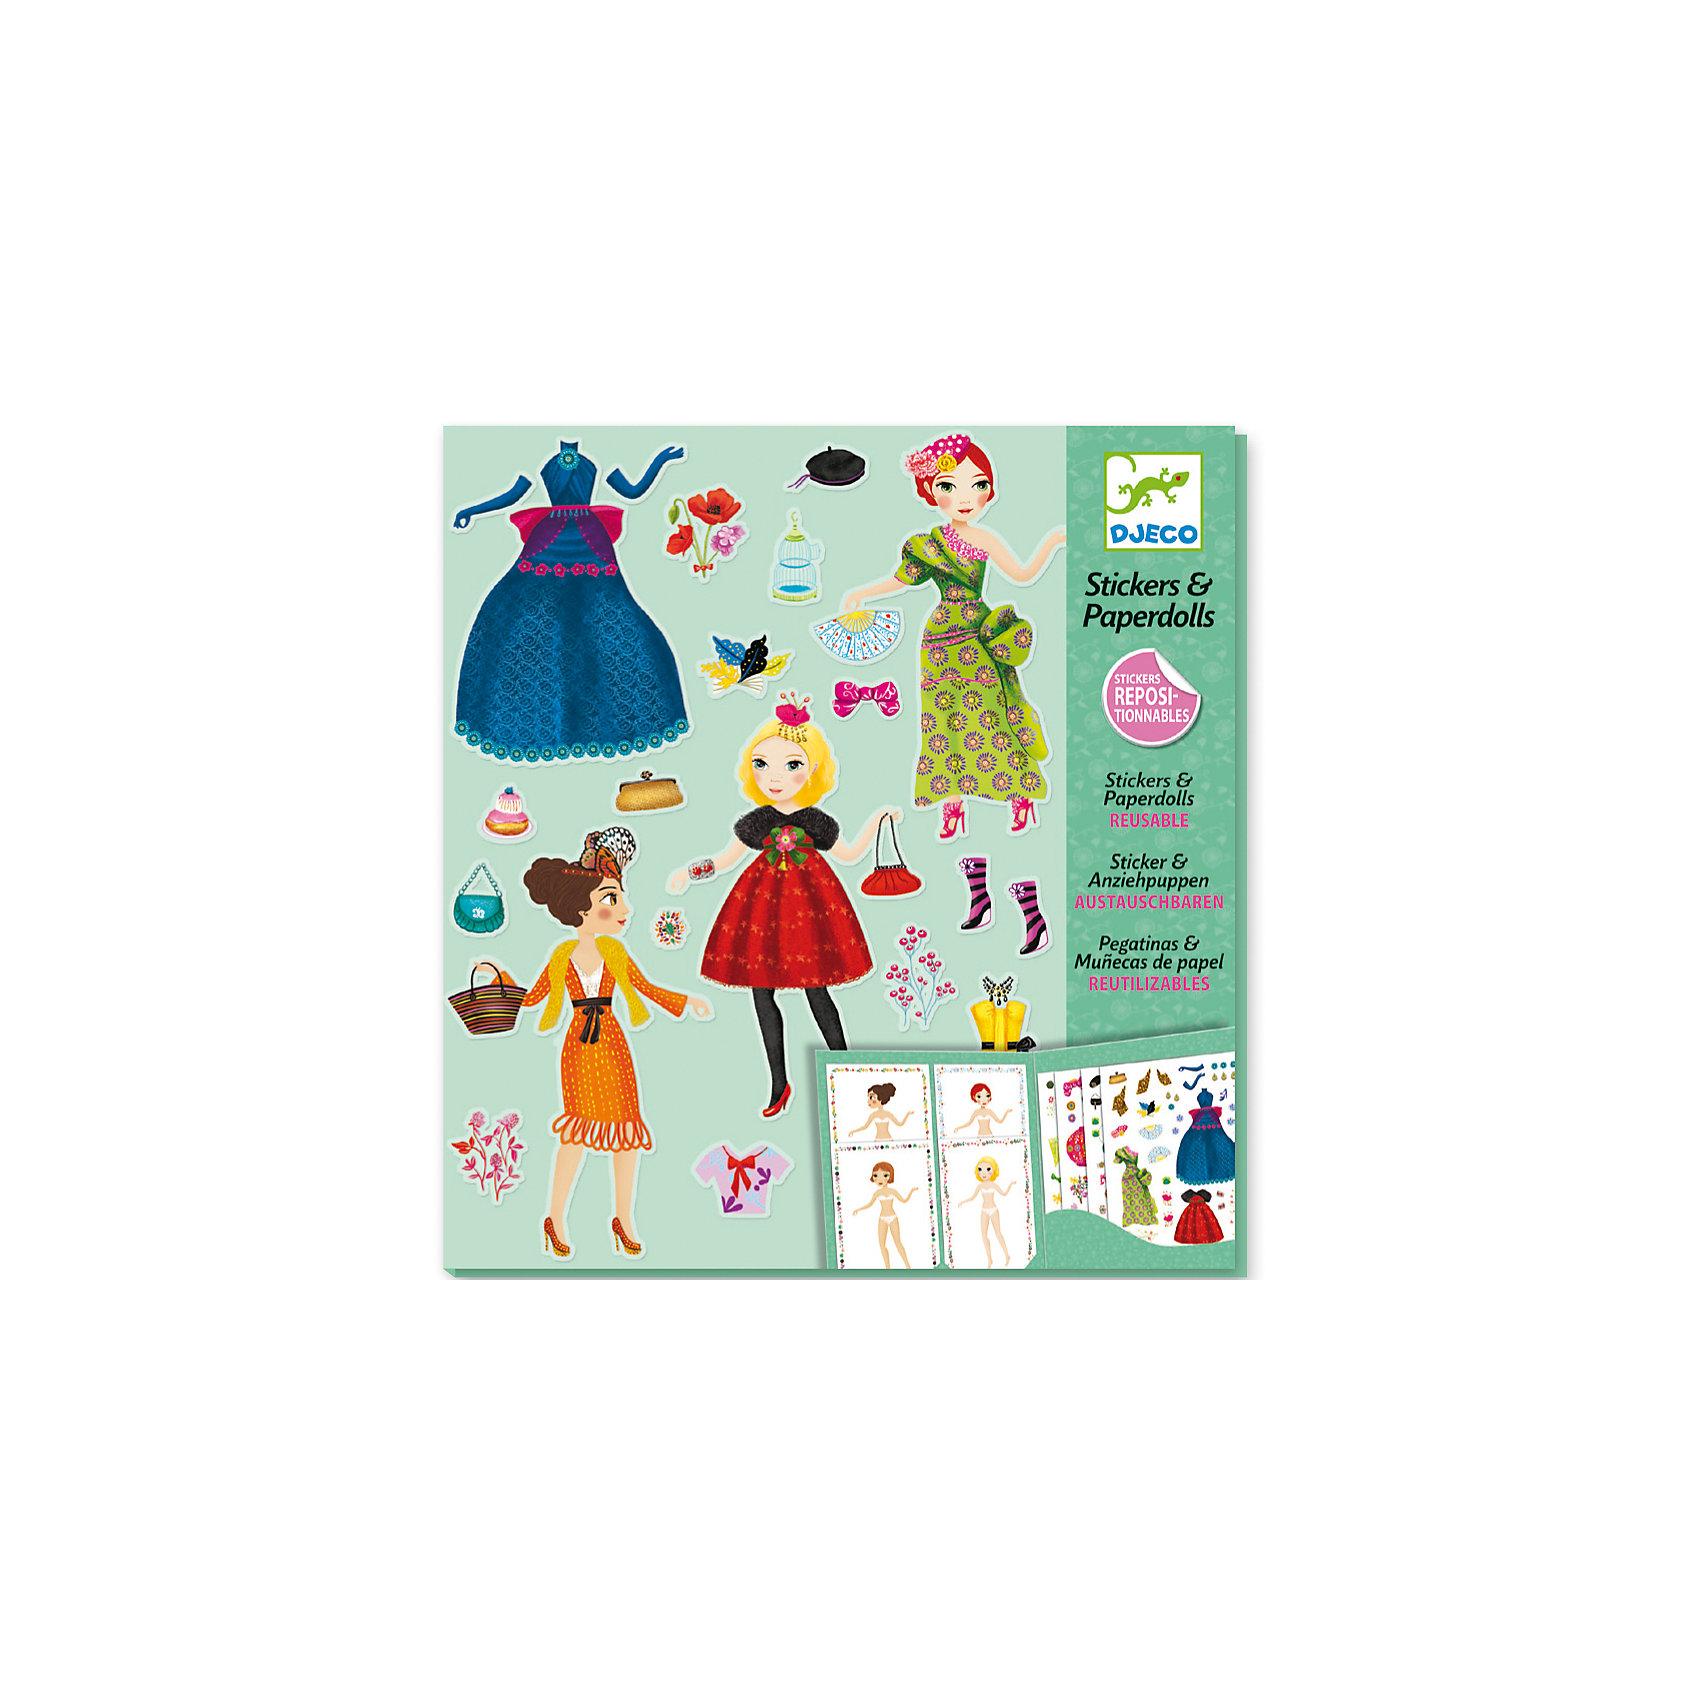 Набор-игра с наклейками «Мода»Увлекательный набор для творчества Мода от Djeco – прекрасный подарок для юных модниц! В составе набора Мода вы найдете бумажные фигуры девочек и различную одежду, с помощью которой нужно создать девочкам новые стильные образы. Наборы для творчества от Djeco развивают у ребенка фантазию и творческие способности, учат малыша внимательности и усидчивости. Все изображения созданы современными французскими художниками. В составе набора:<br>4 листа с различной одеждой, 8 бумажных девочек, блокнот для хранения. Рекомендуемый возраст: 6-11 лет.<br><br>Набор-игра с наклейками «Мода» можно купить в нашем магазине.<br><br>Ширина мм: 10<br>Глубина мм: 220<br>Высота мм: 240<br>Вес г: 270<br>Возраст от месяцев: 72<br>Возраст до месяцев: 132<br>Пол: Женский<br>Возраст: Детский<br>SKU: 4783886